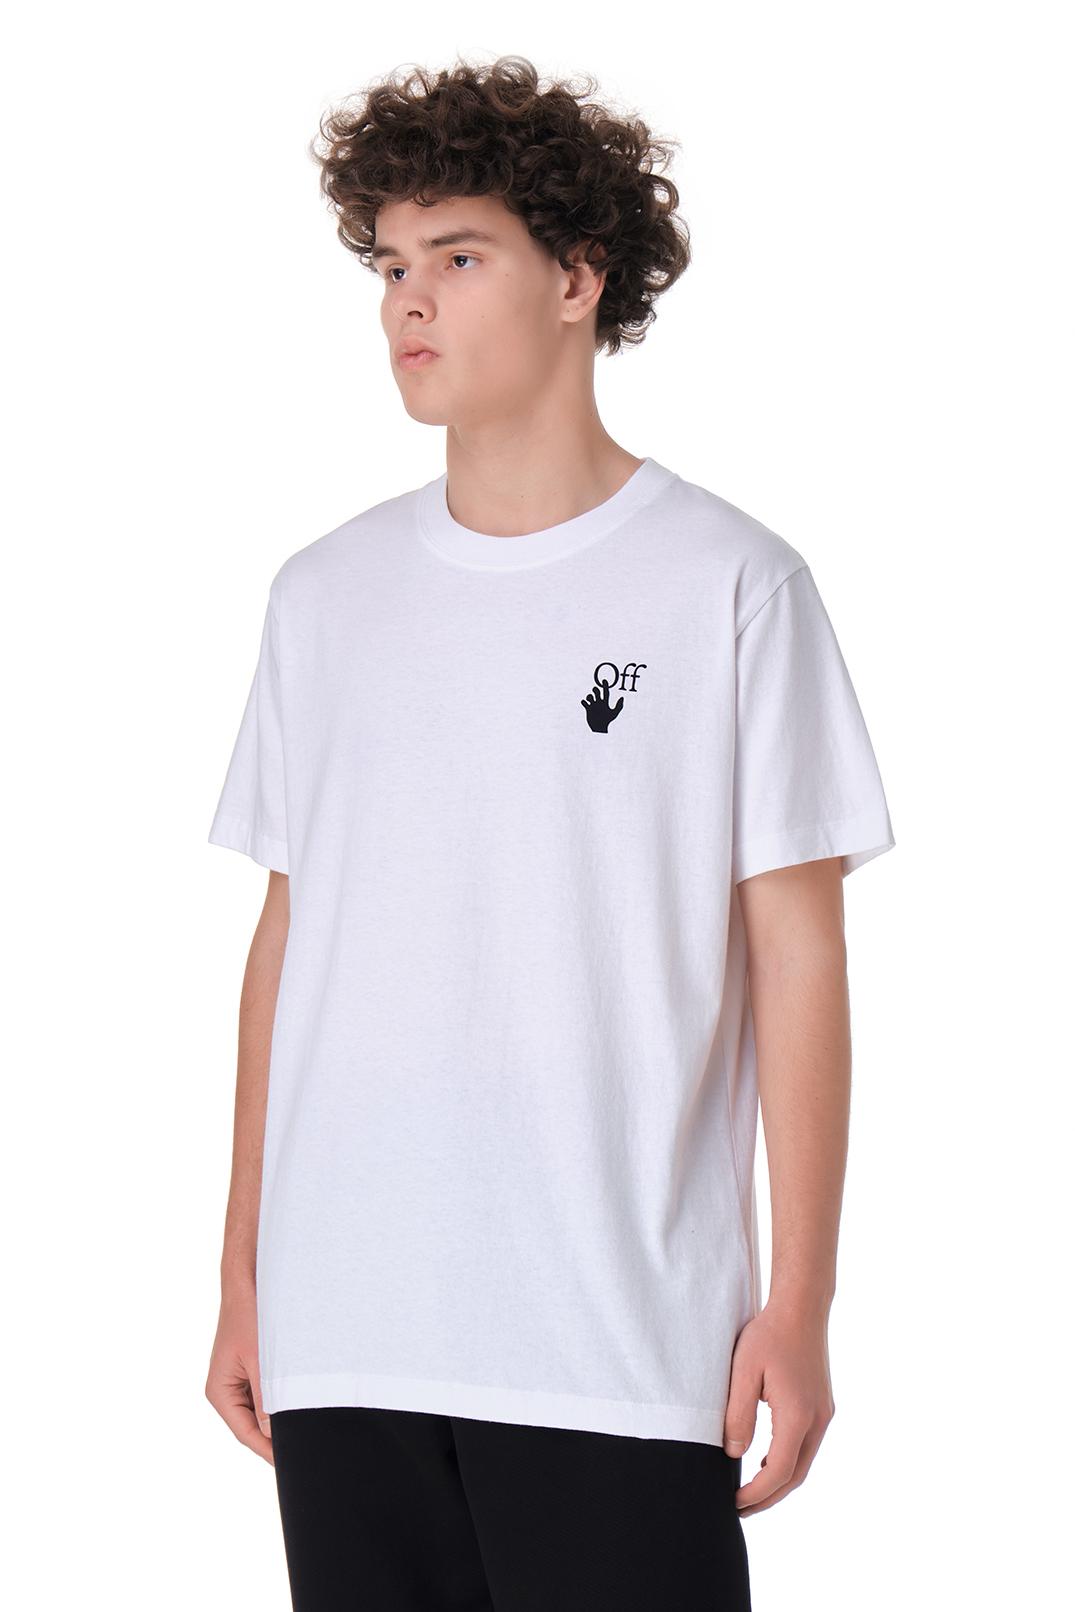 Футболка oversize с принтом OFF-WHITE OWmp11003